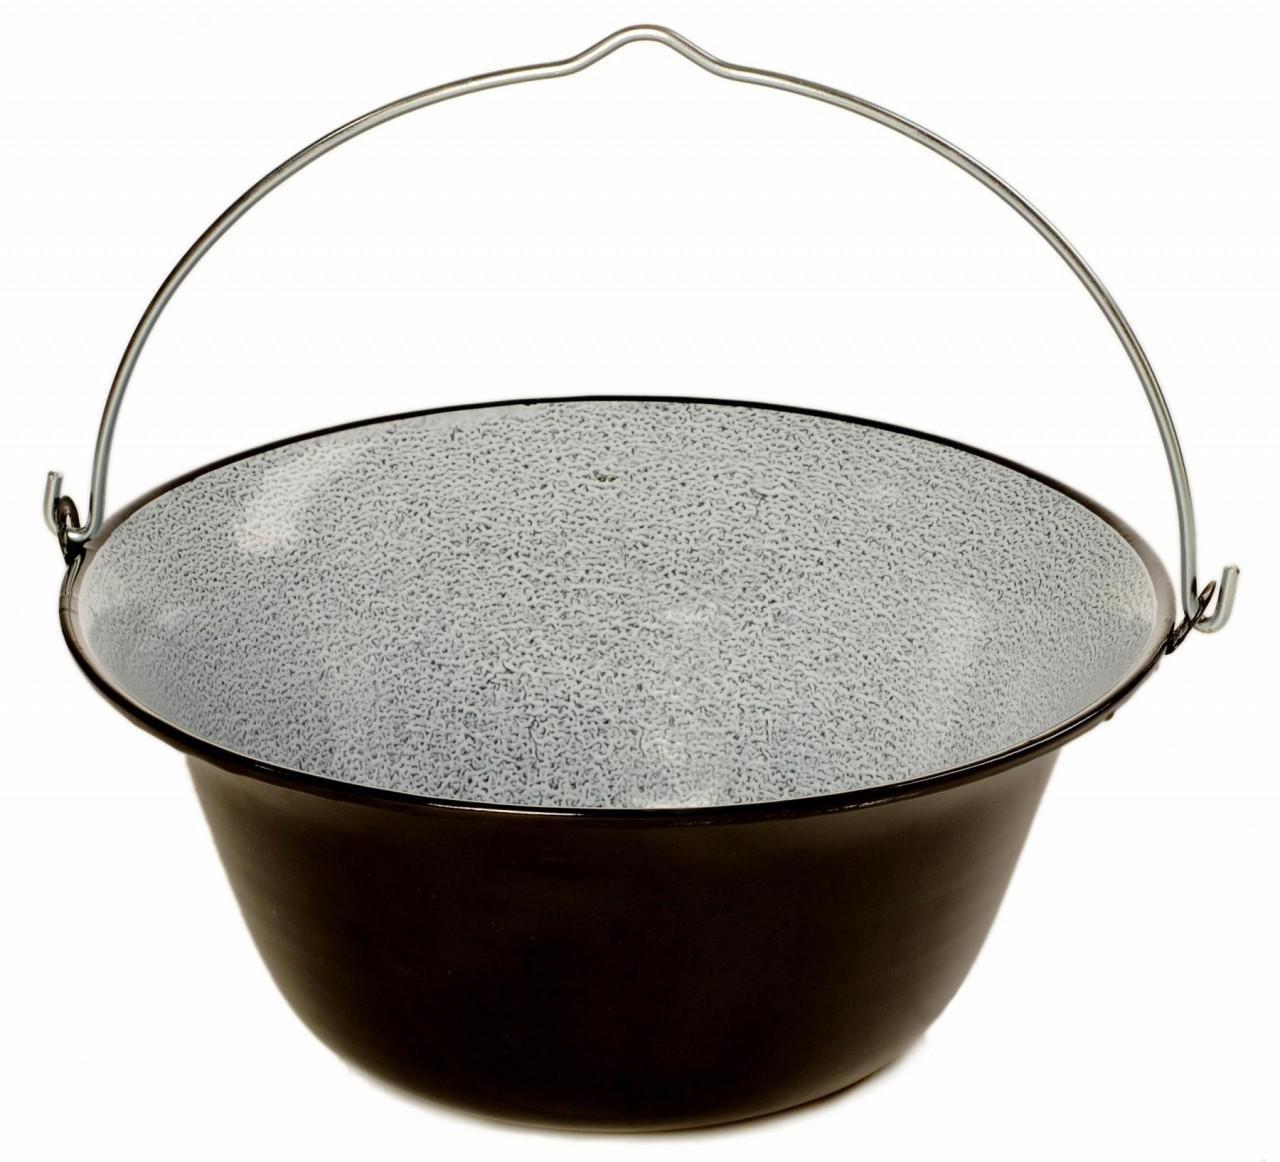 Tischkessel Kupfer 0,8 liter